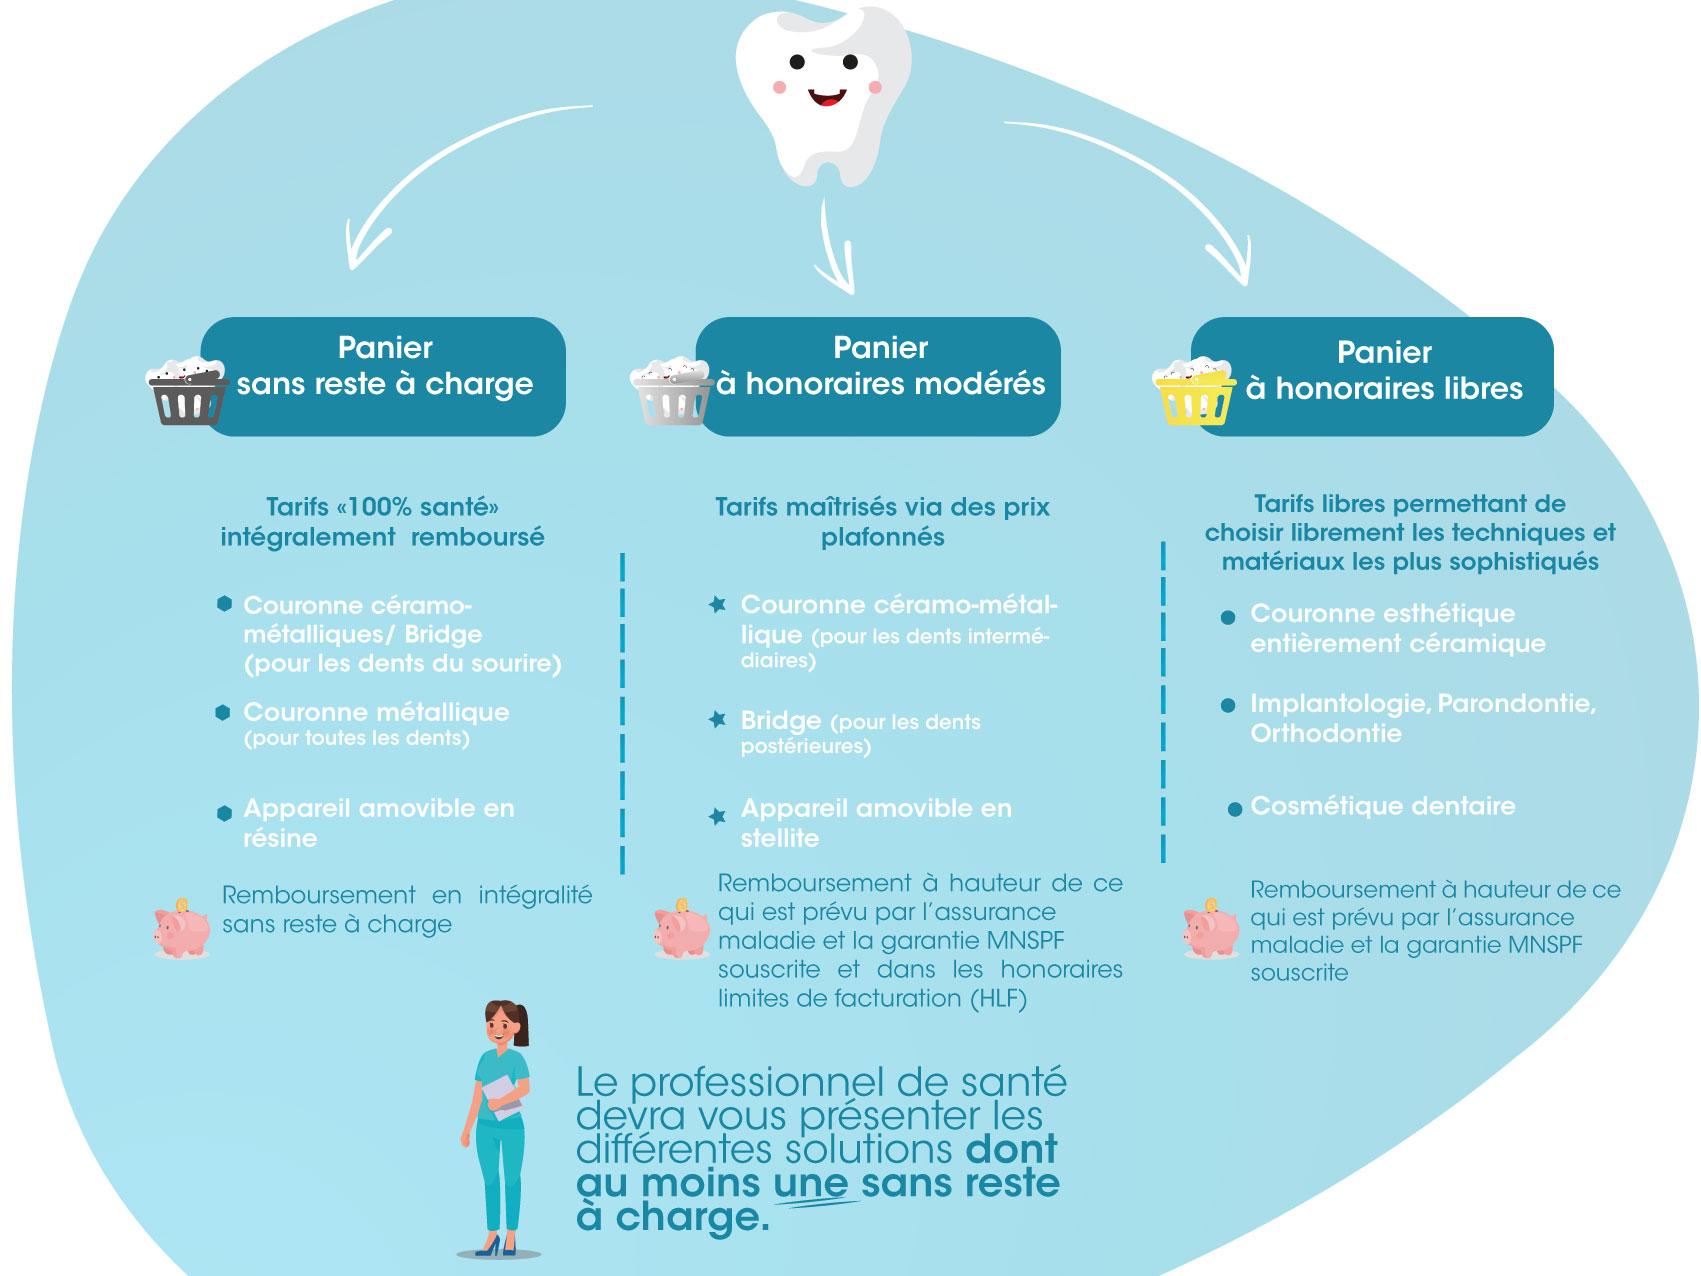 Les 3 paniers proposés pour le Dentaire